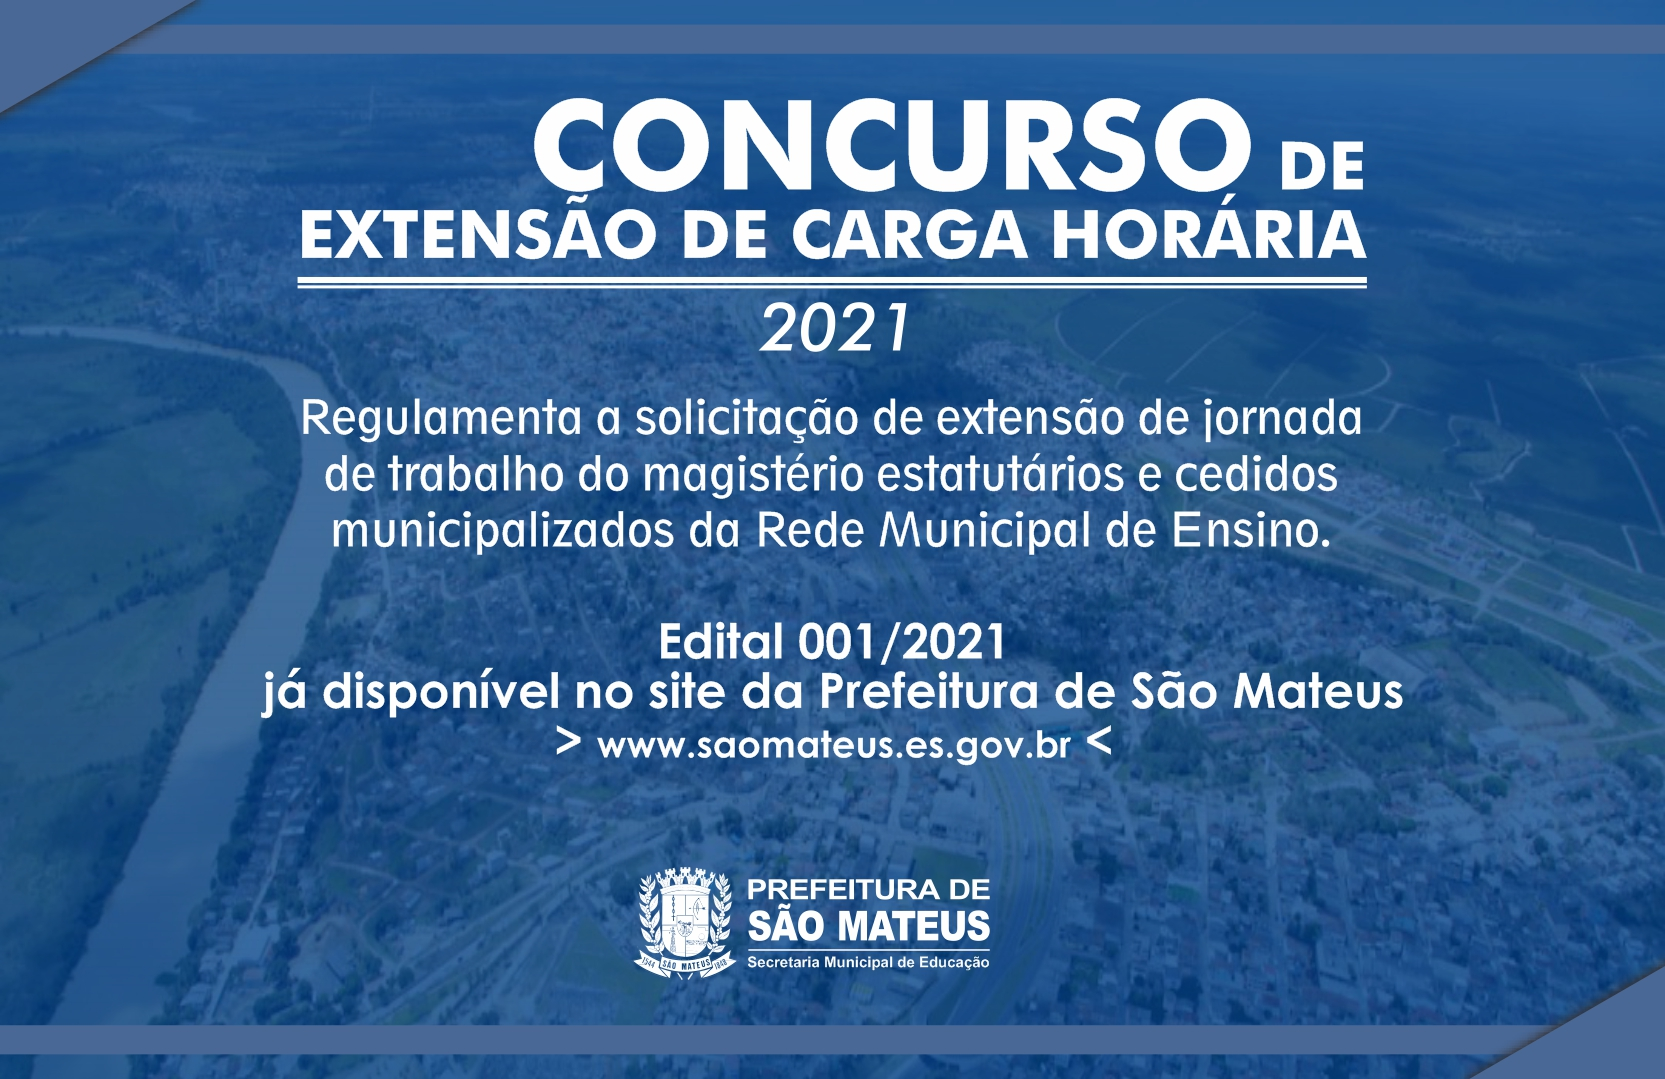 CONCURSO DE EXTENSÃO DE CARGA HORÁRIA 2021